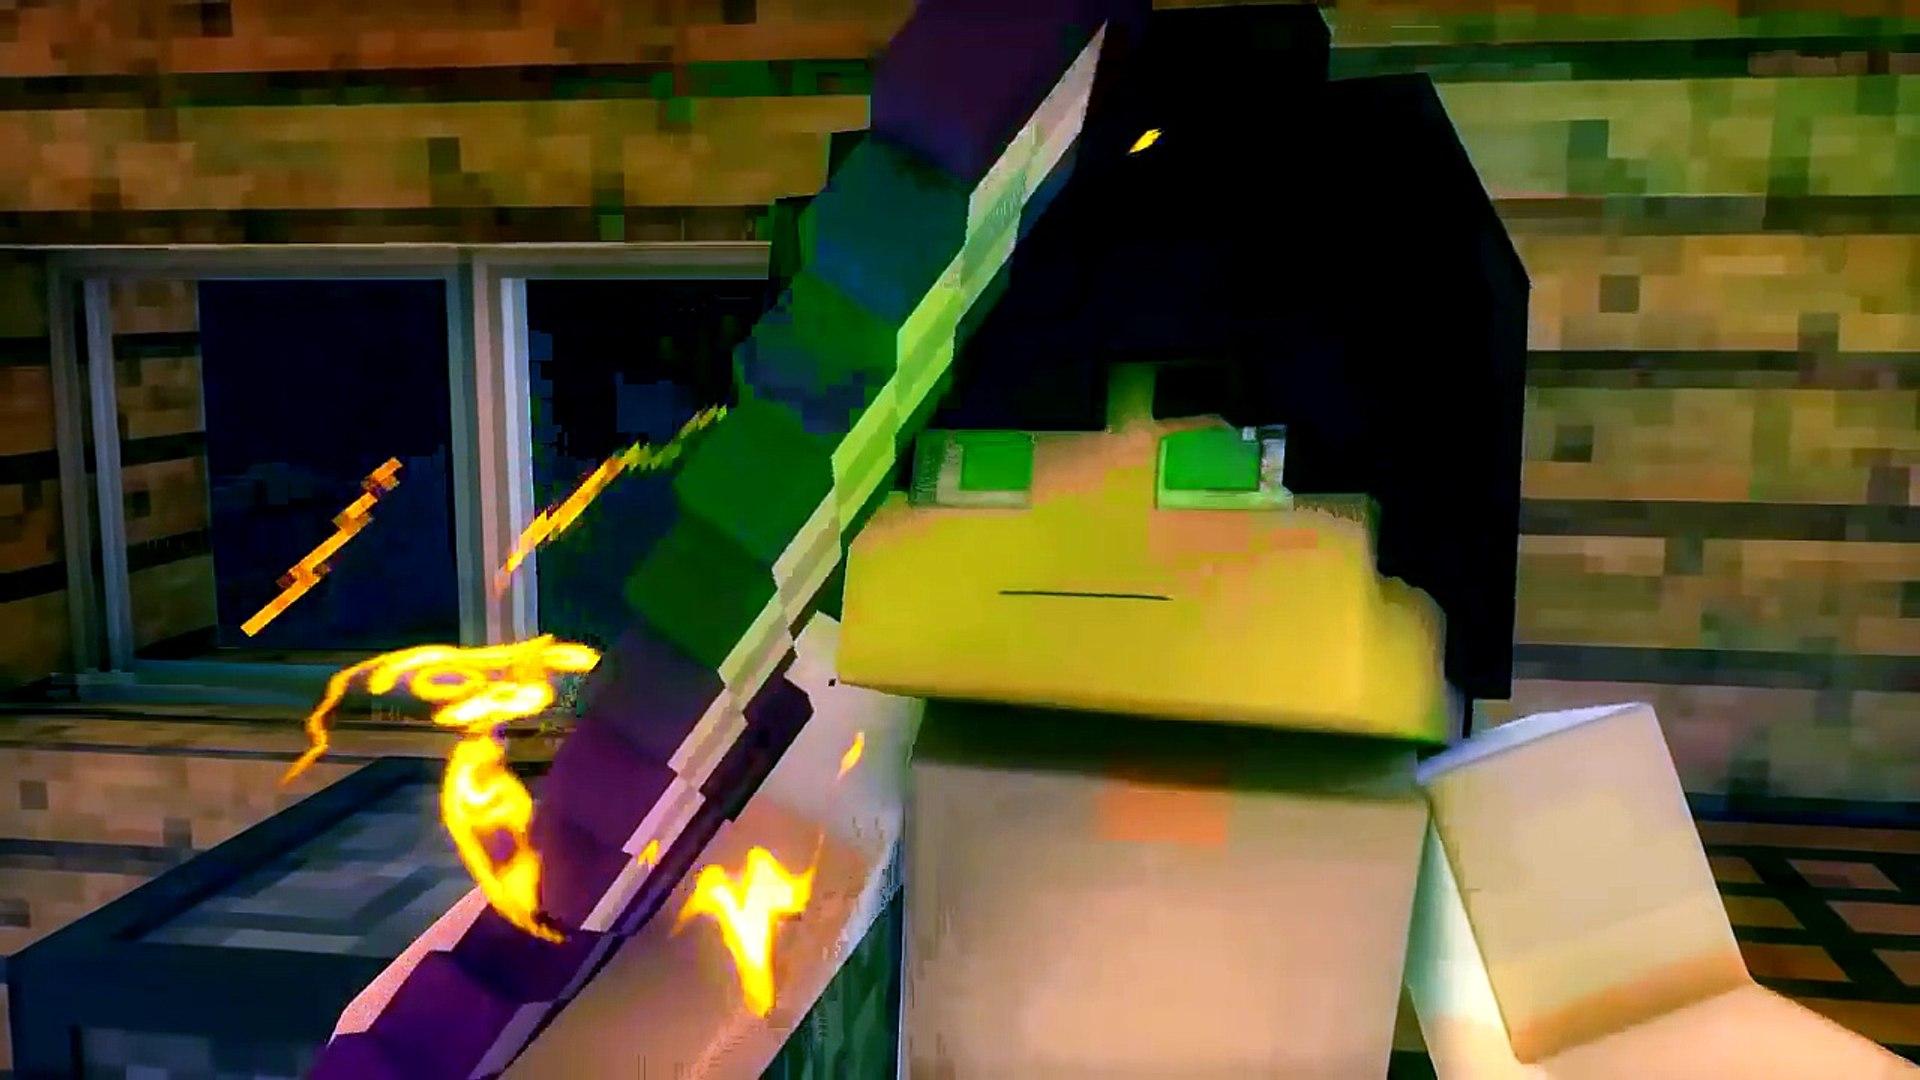 Top 15 Minecraft Animations  - Best Minecraft Animation  Parodies